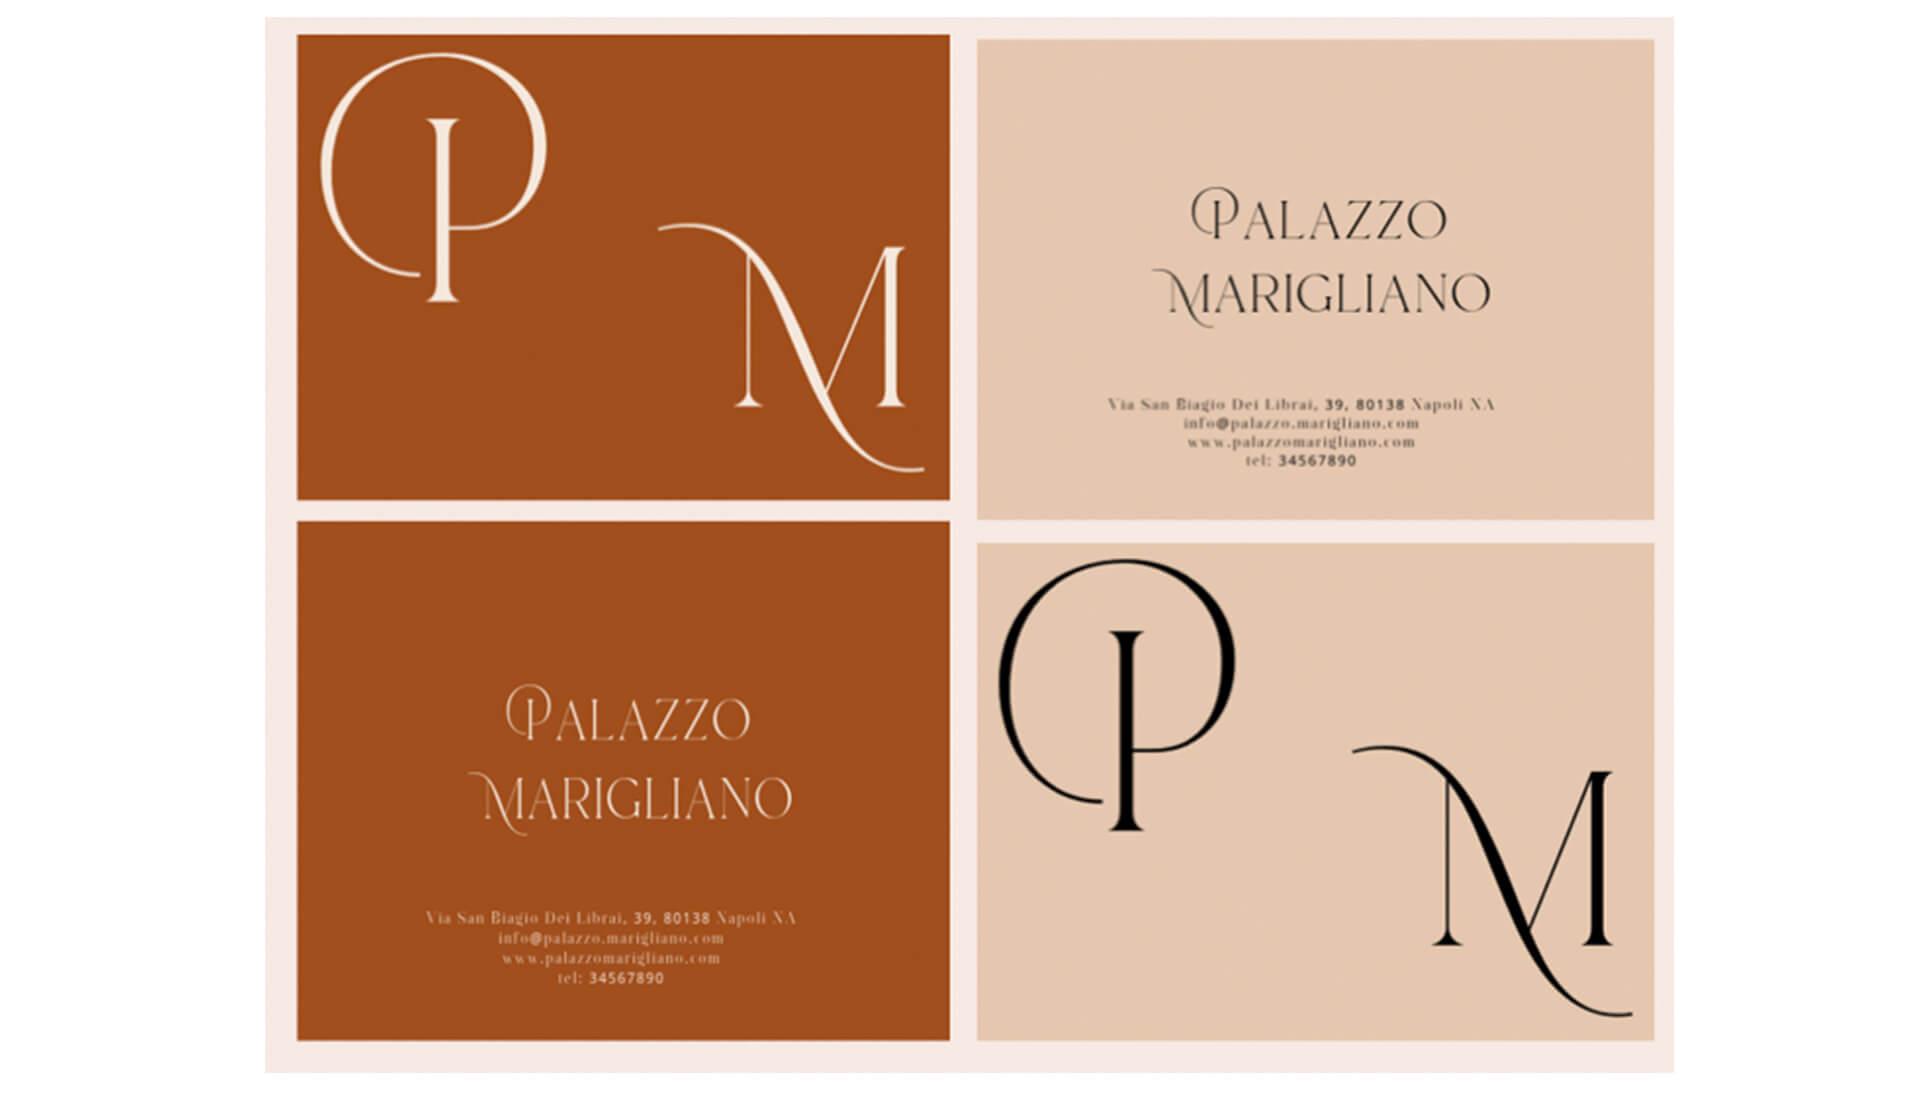 palazzo-marigliano-portfolio-1